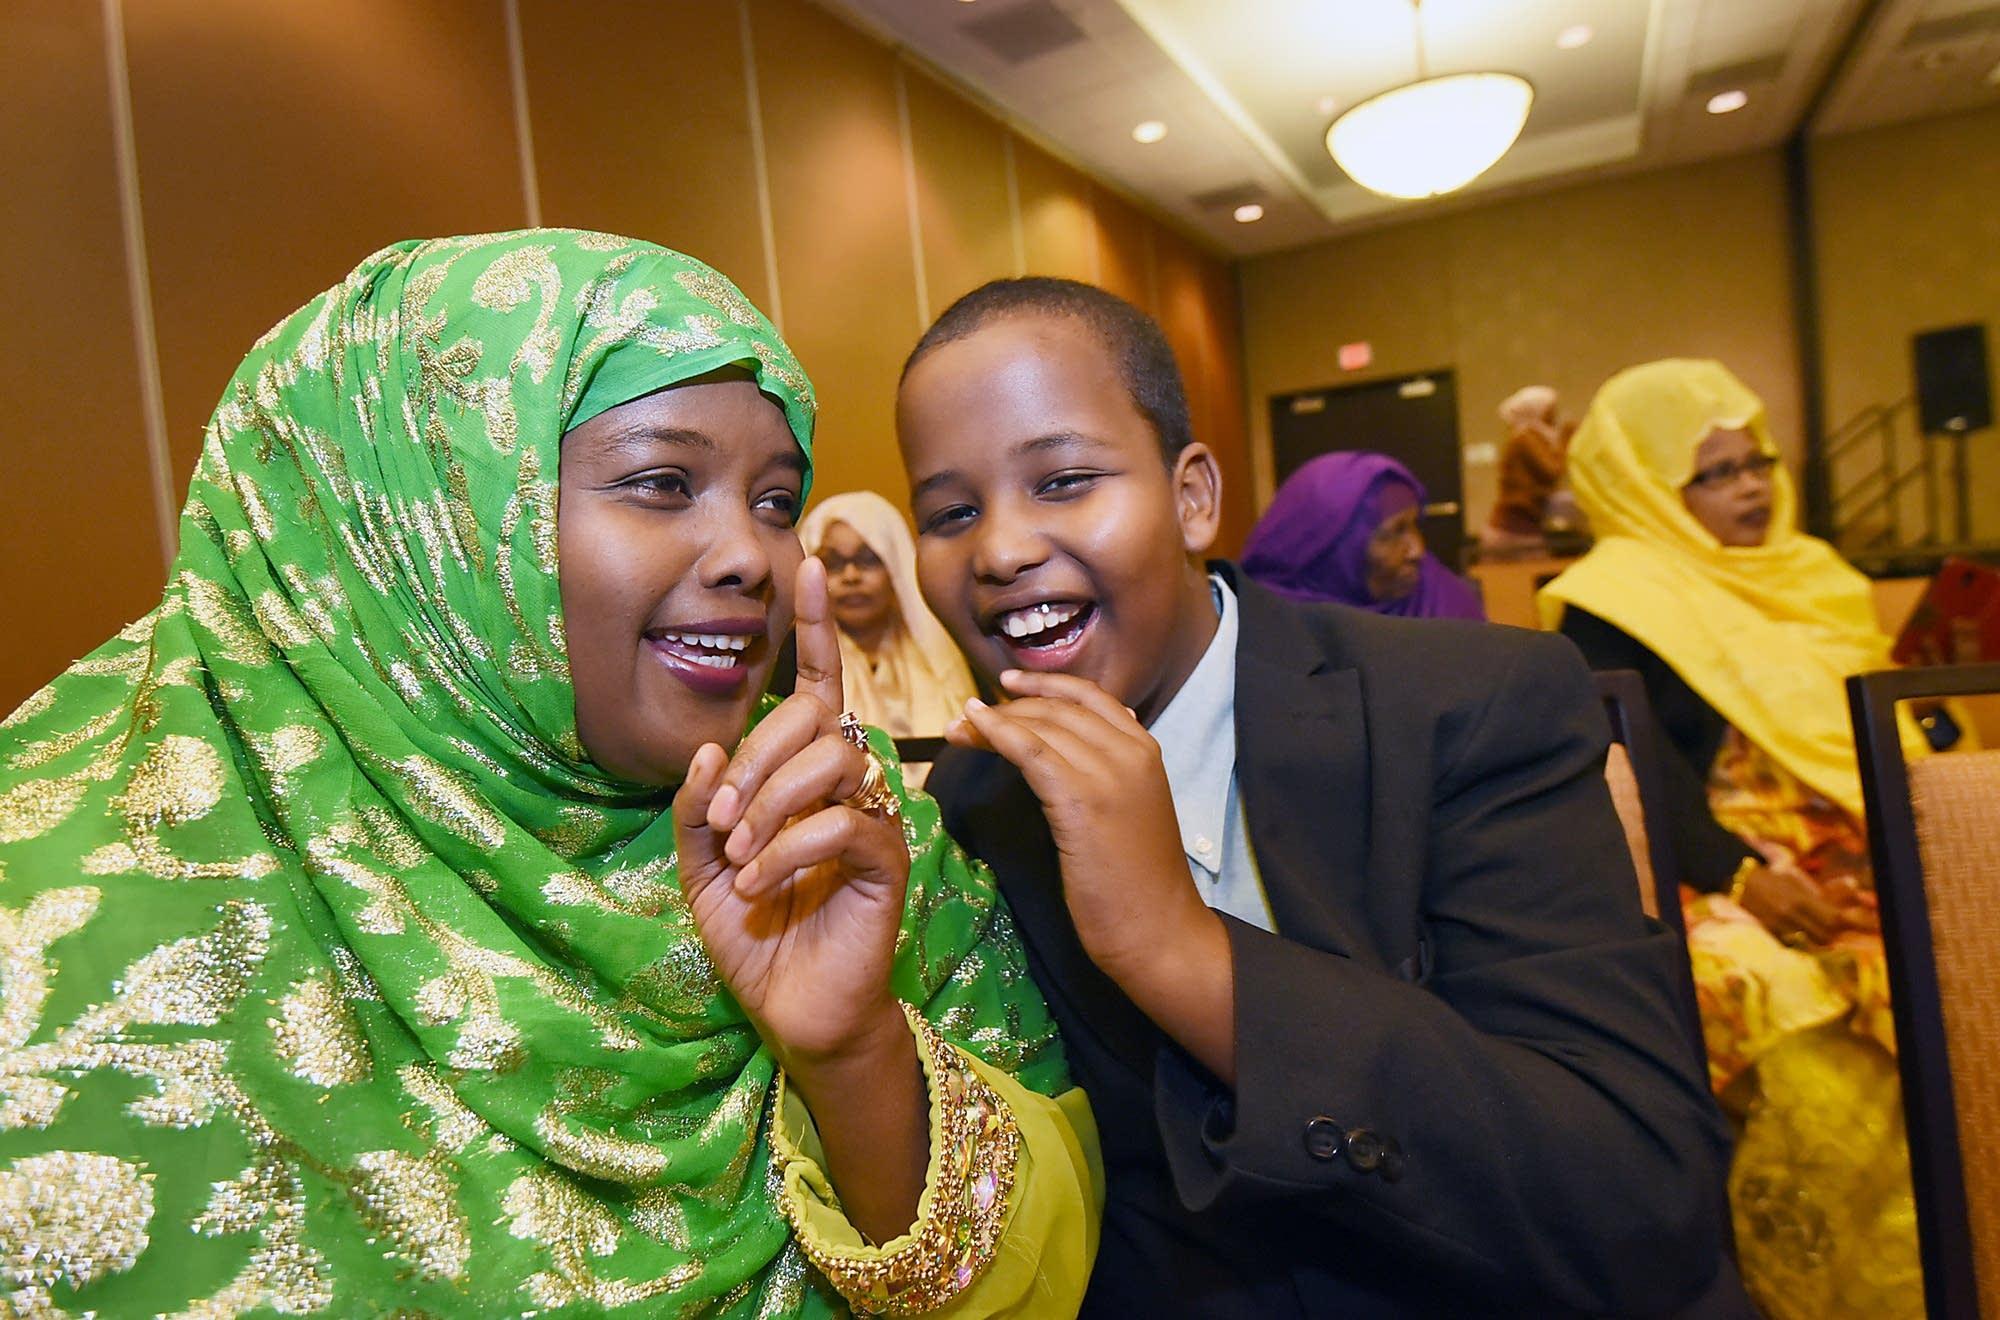 Omar's family celebrates